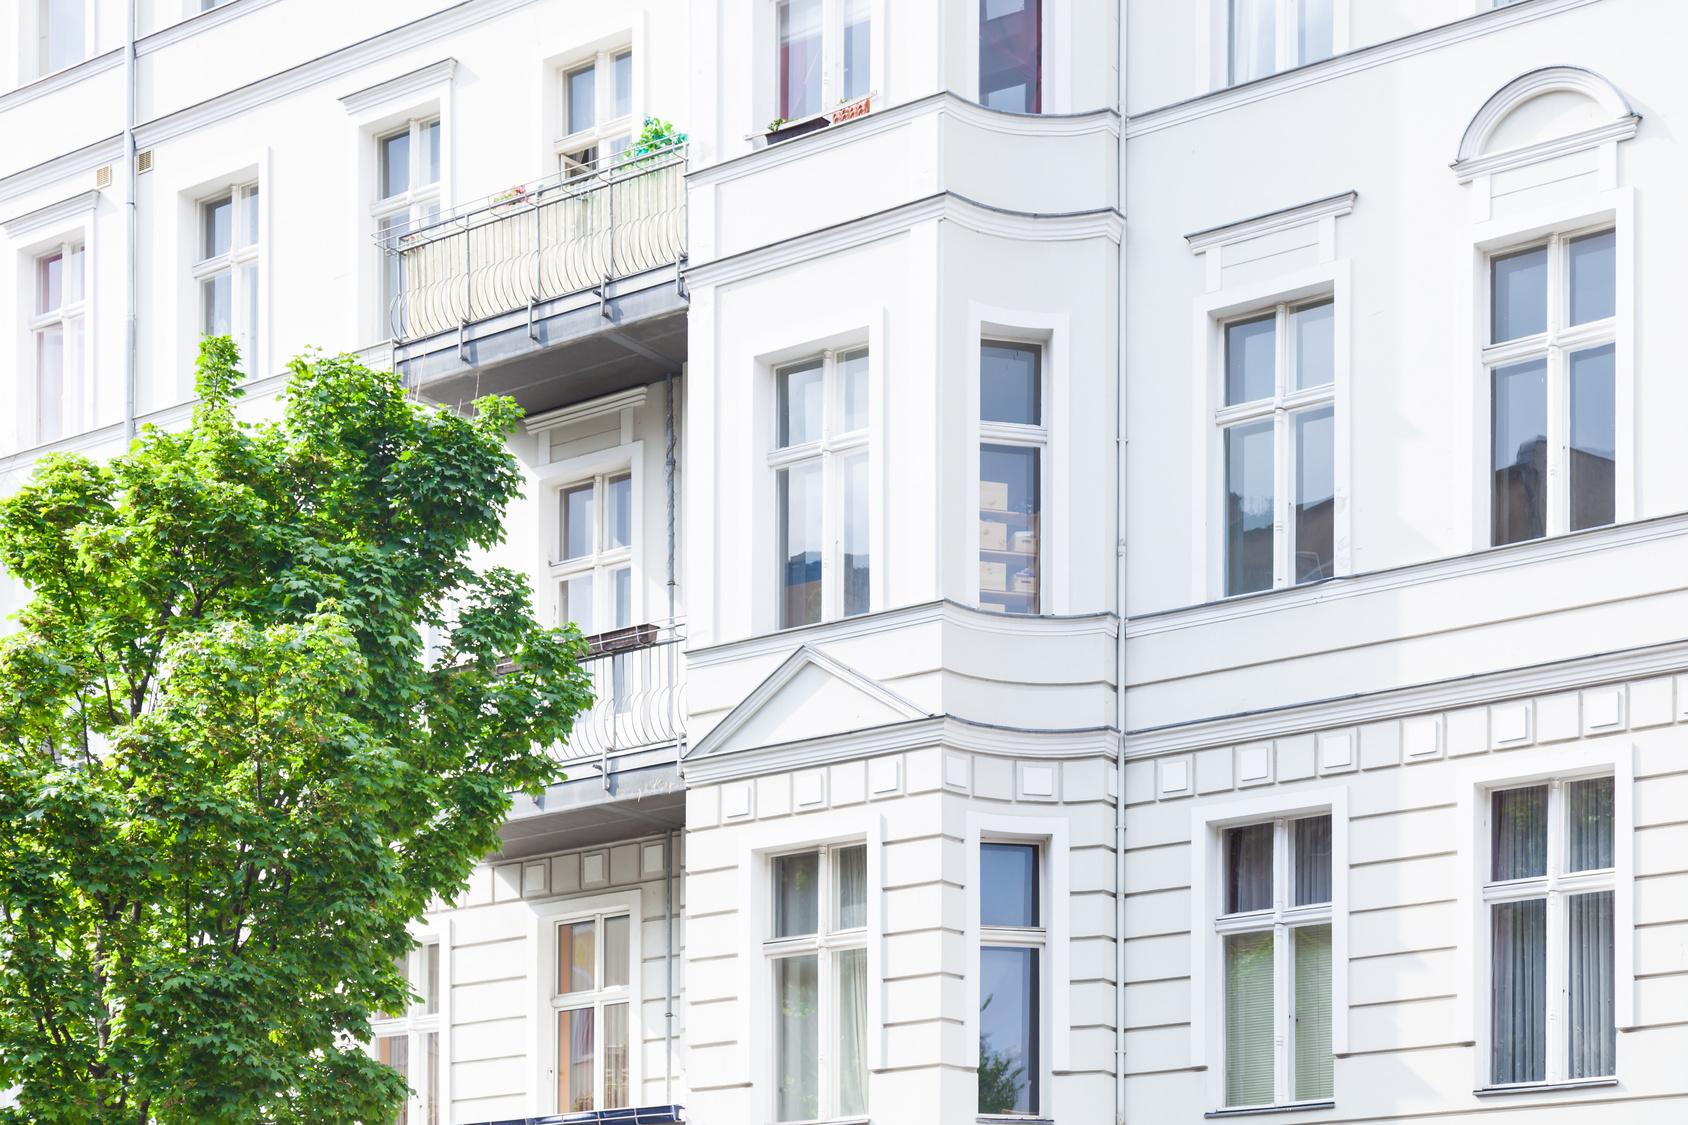 Eisenbahn Wohnungsbaugesellschaft Köln